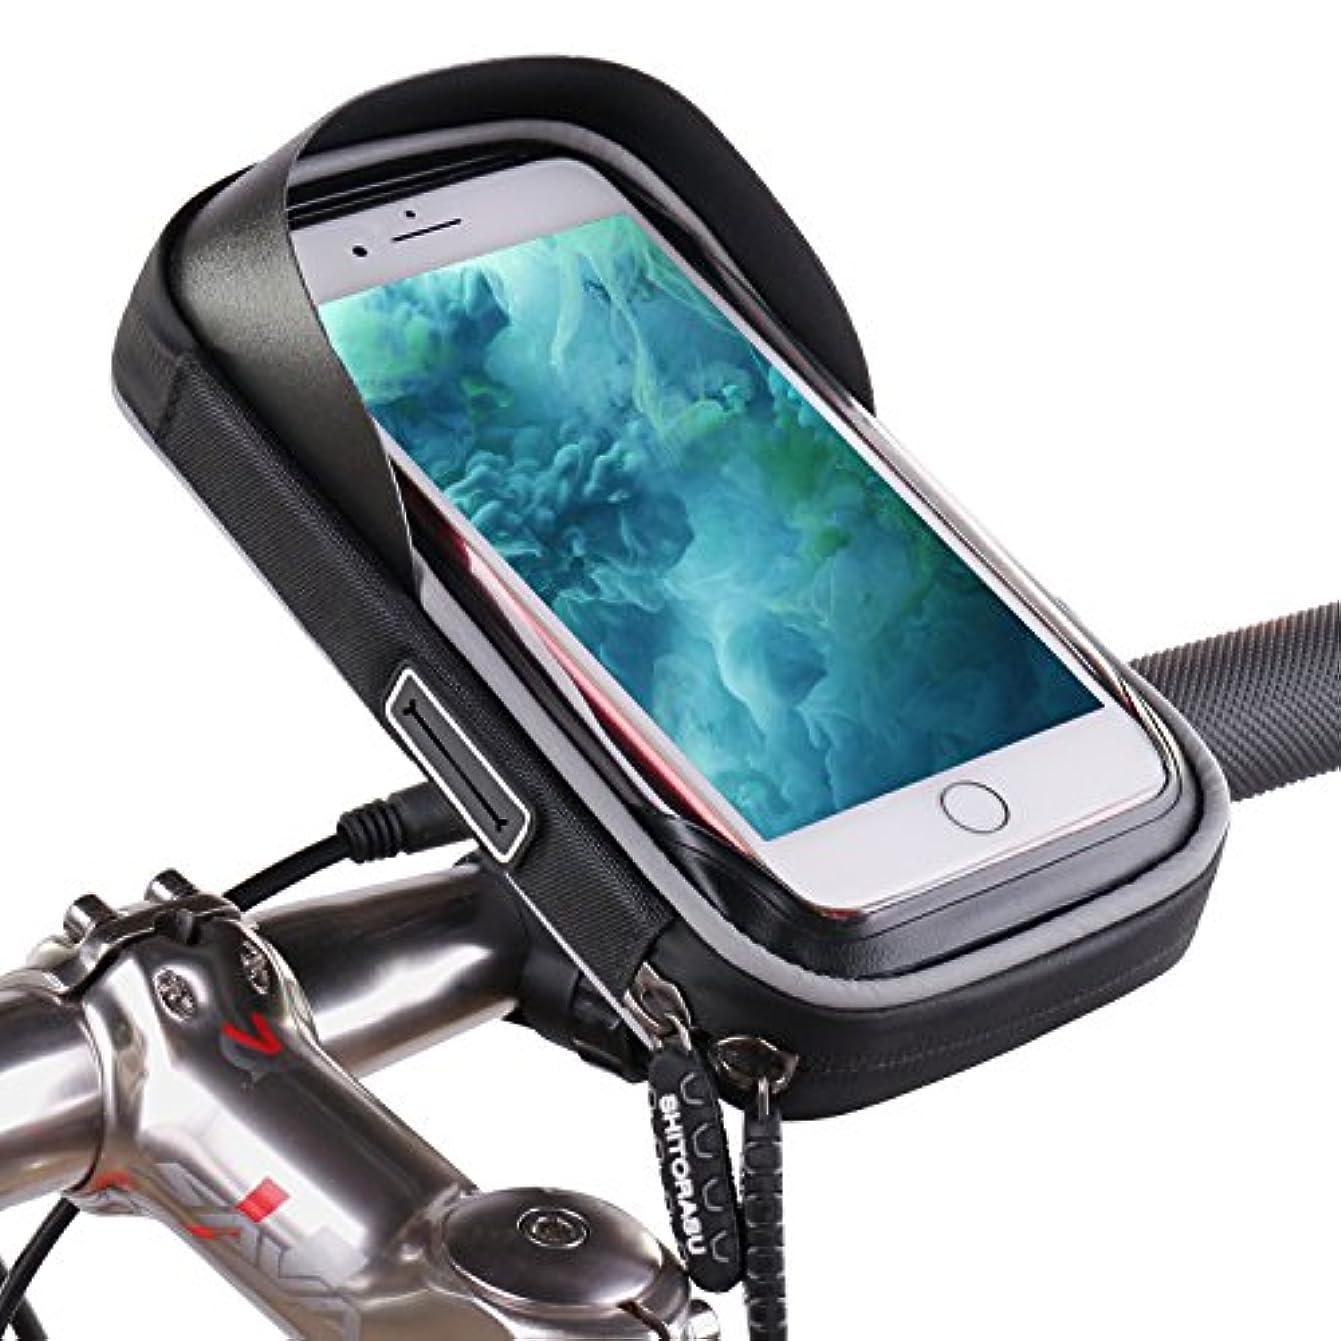 栄養ストレス商業のSHITORASU 自転車ホルダー 防水 夜間反射 バイク スマホホルダー バイクスタンド 360 度回転 強力固定マウントキット スマホ? iPhoneに多機種対応